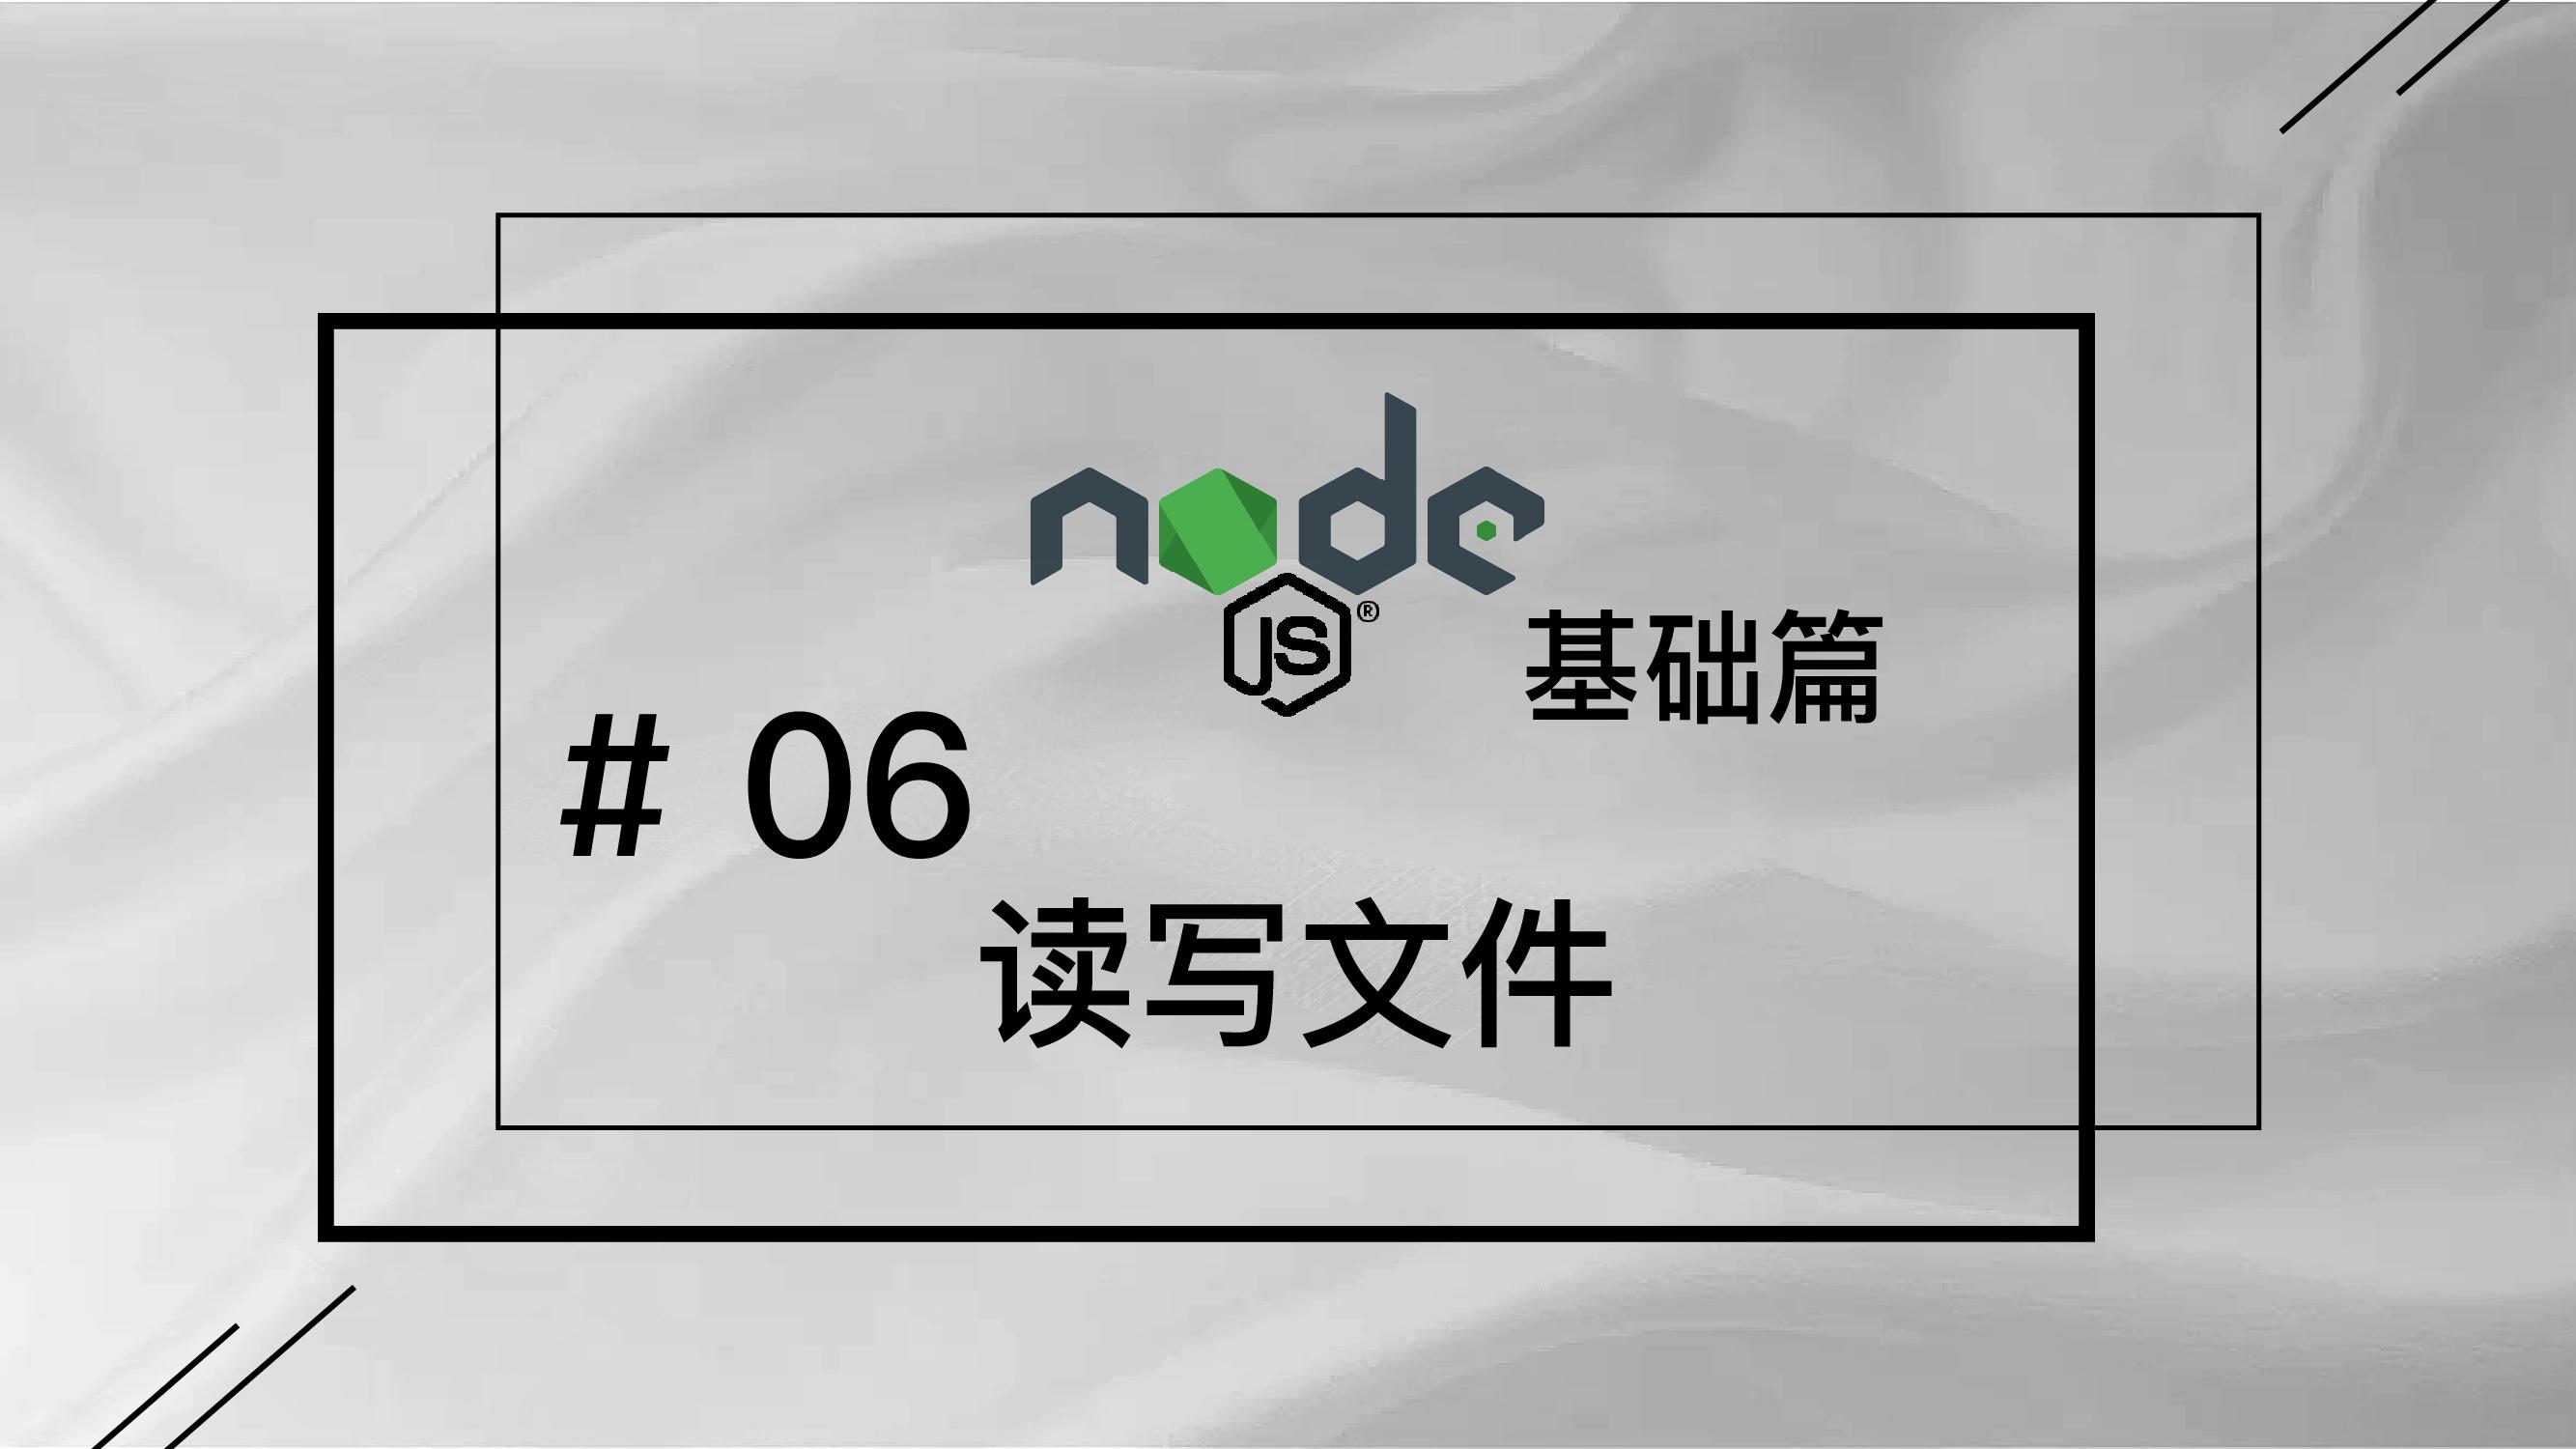 轻松学 Node.js - 基础篇 #6 读写文件(同步,异步)